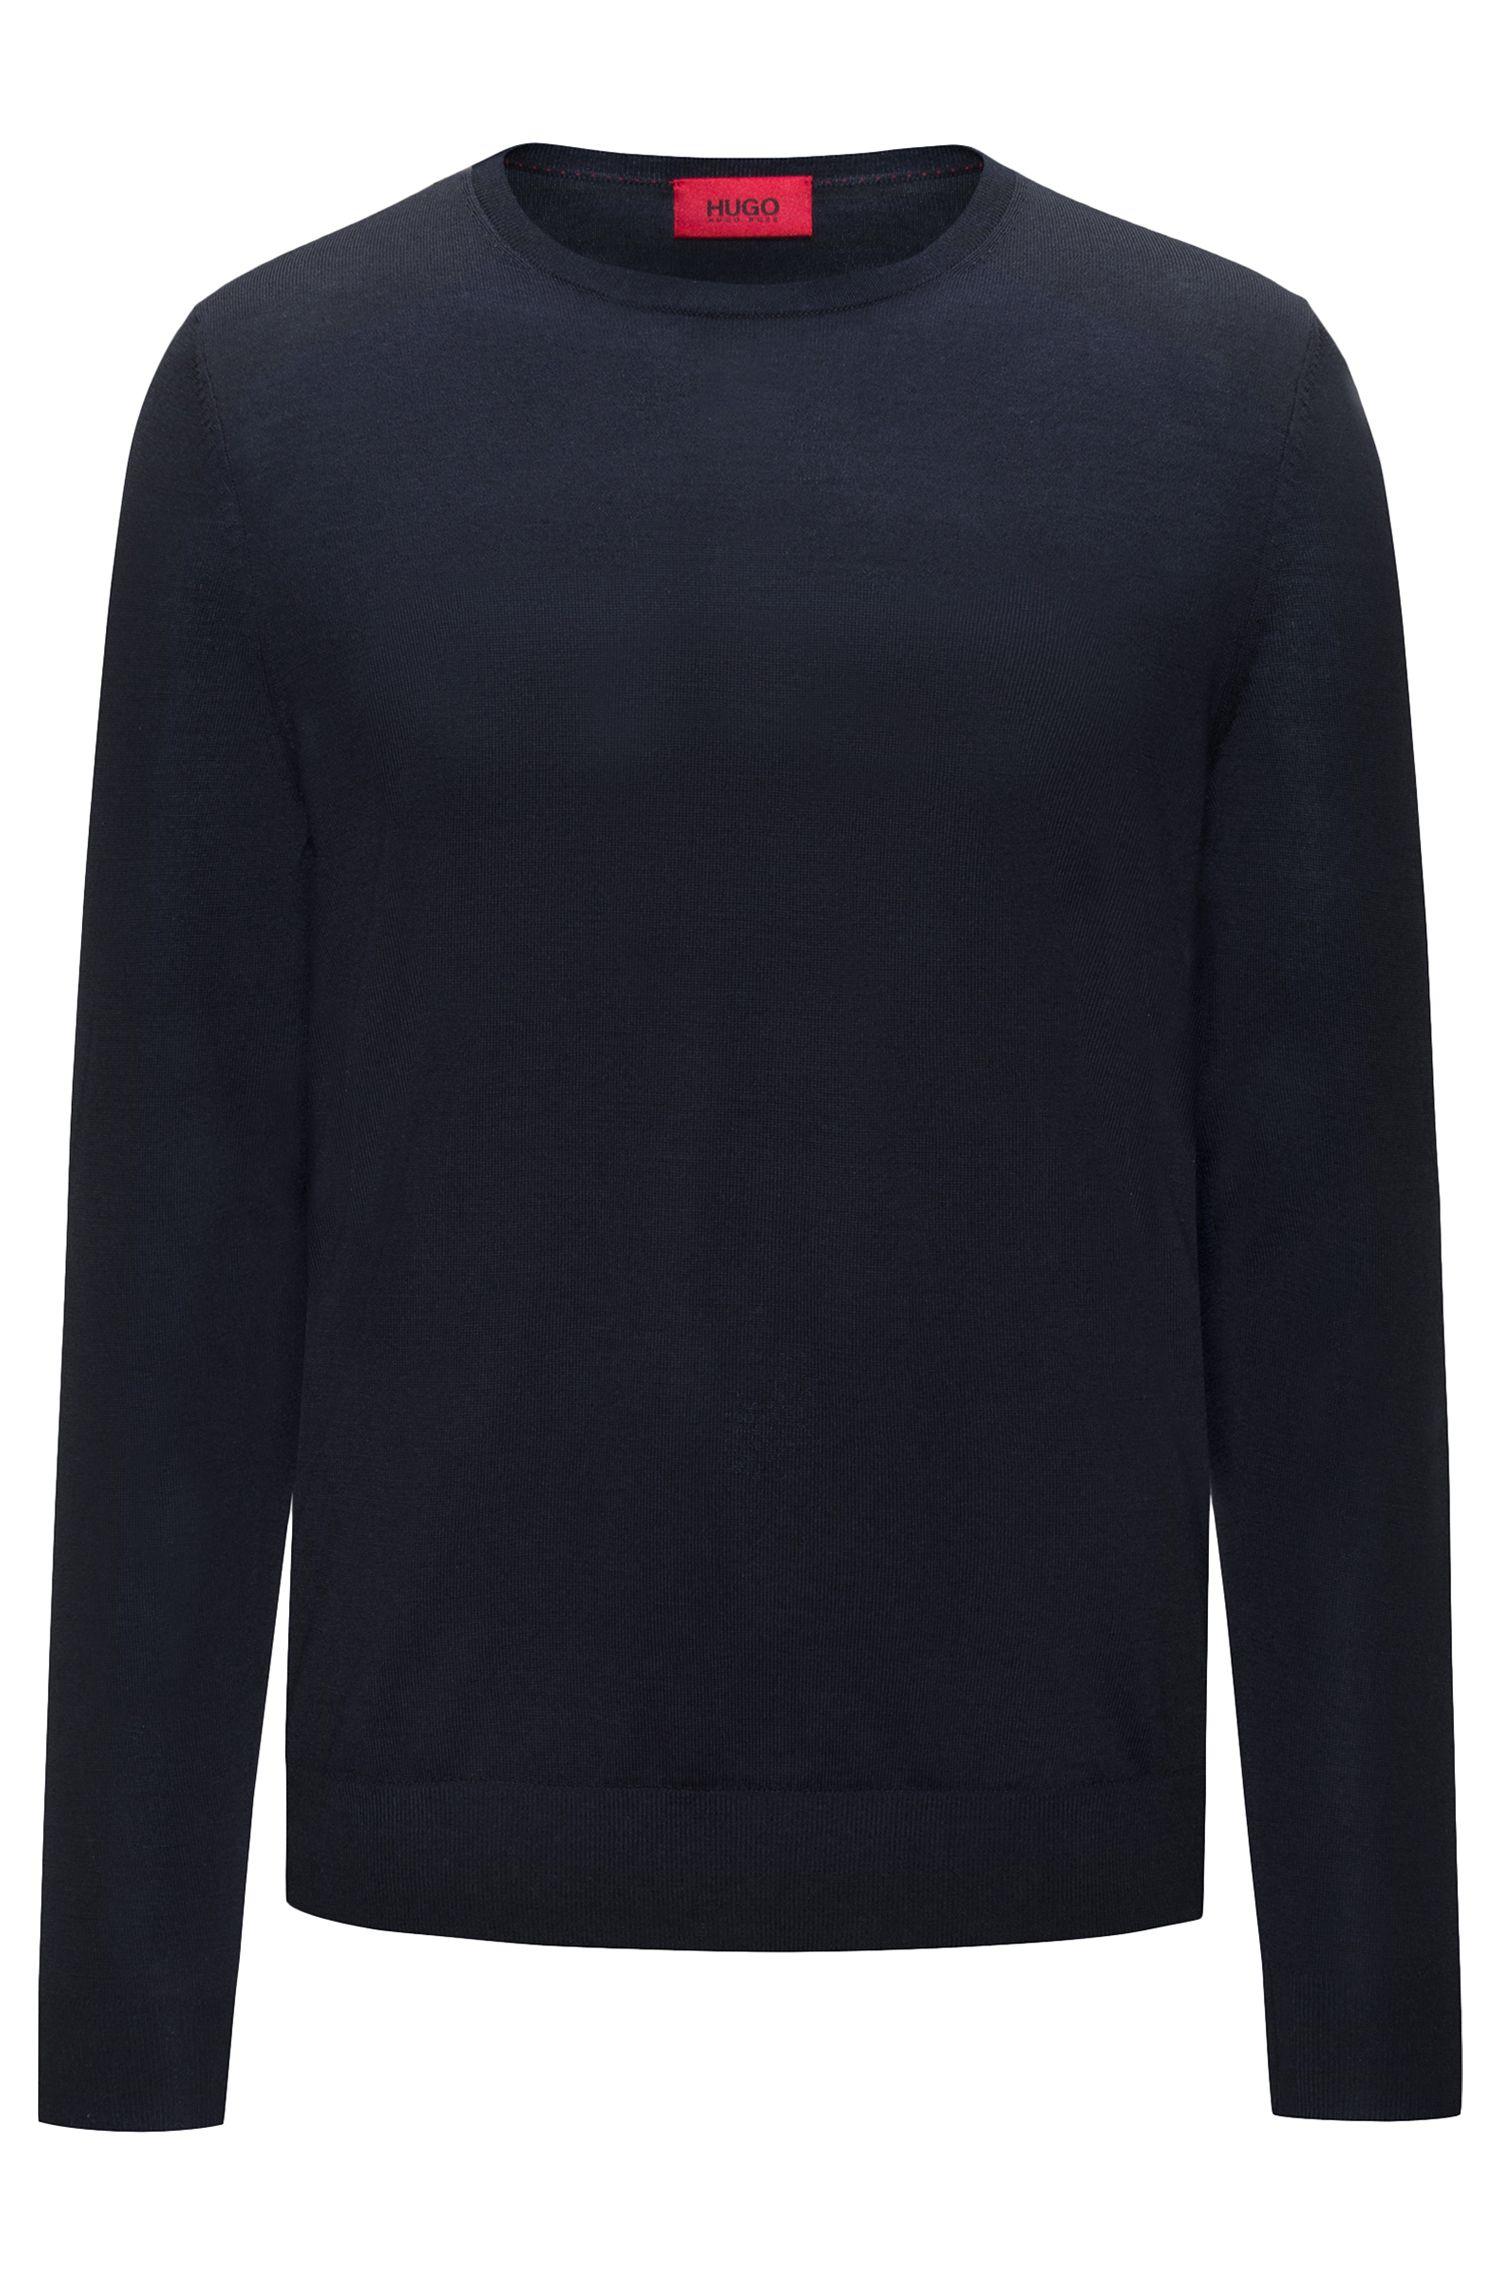 Pull ras-du-cou léger en laine mérinos mélangée, Bleu foncé